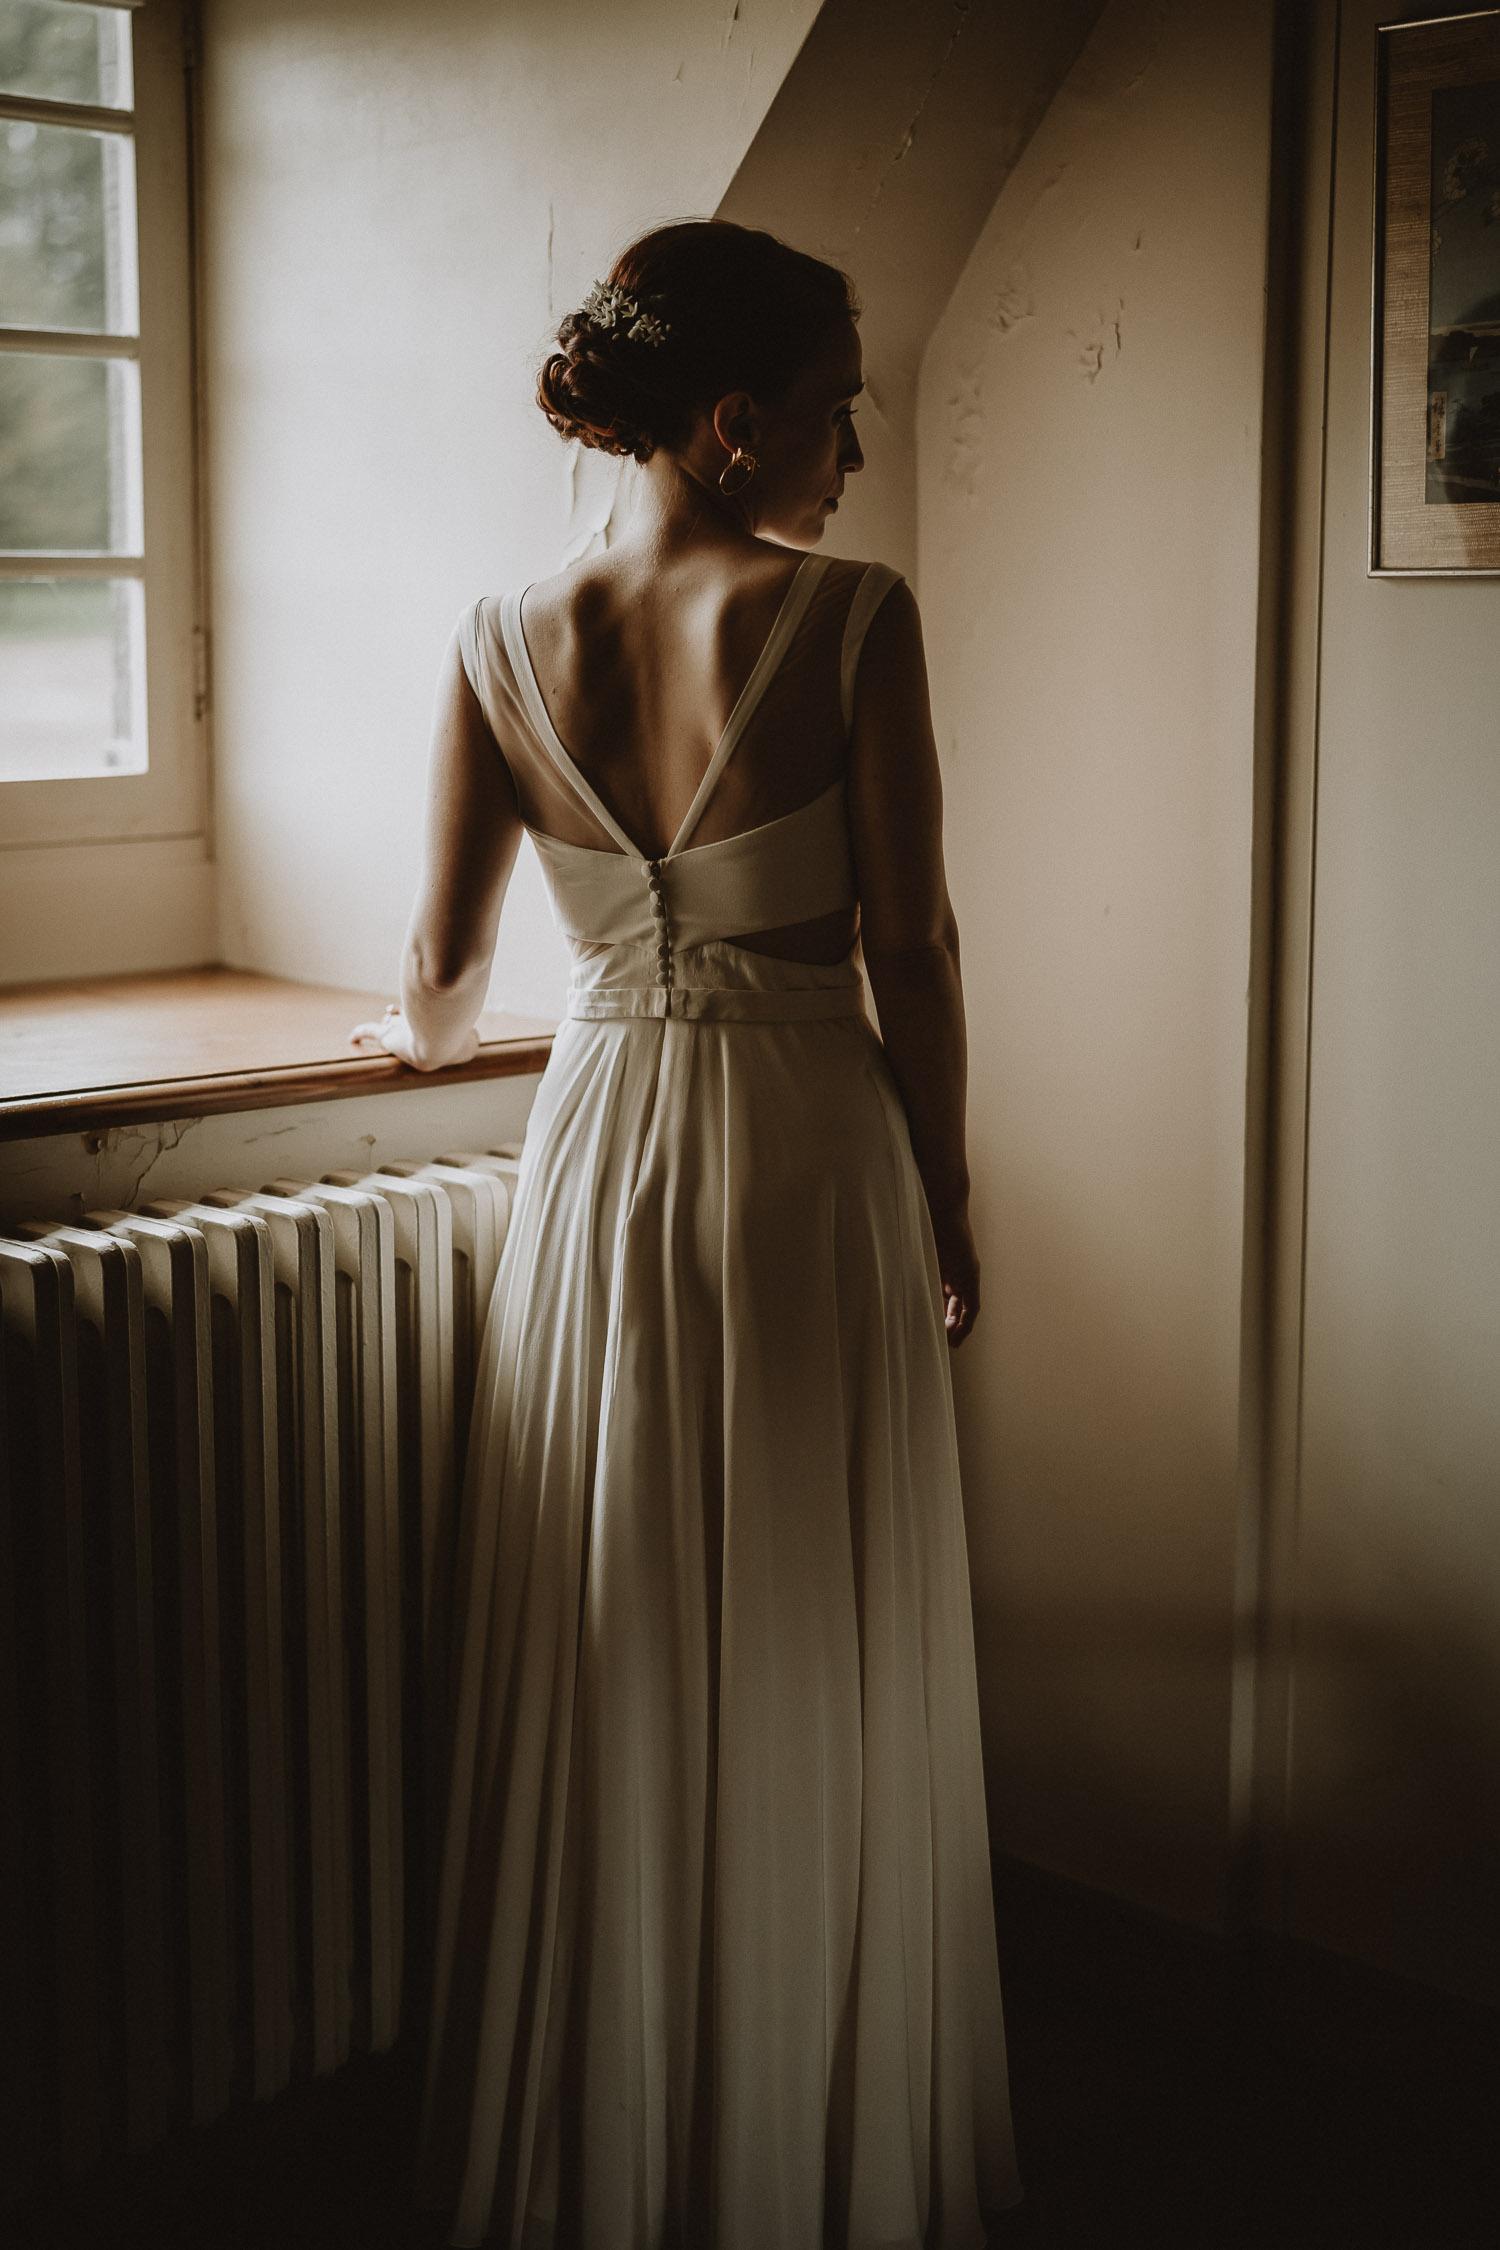 dos de la mariée photographié par samantha guillon photographe de mariage automnal au style moody en ile de france